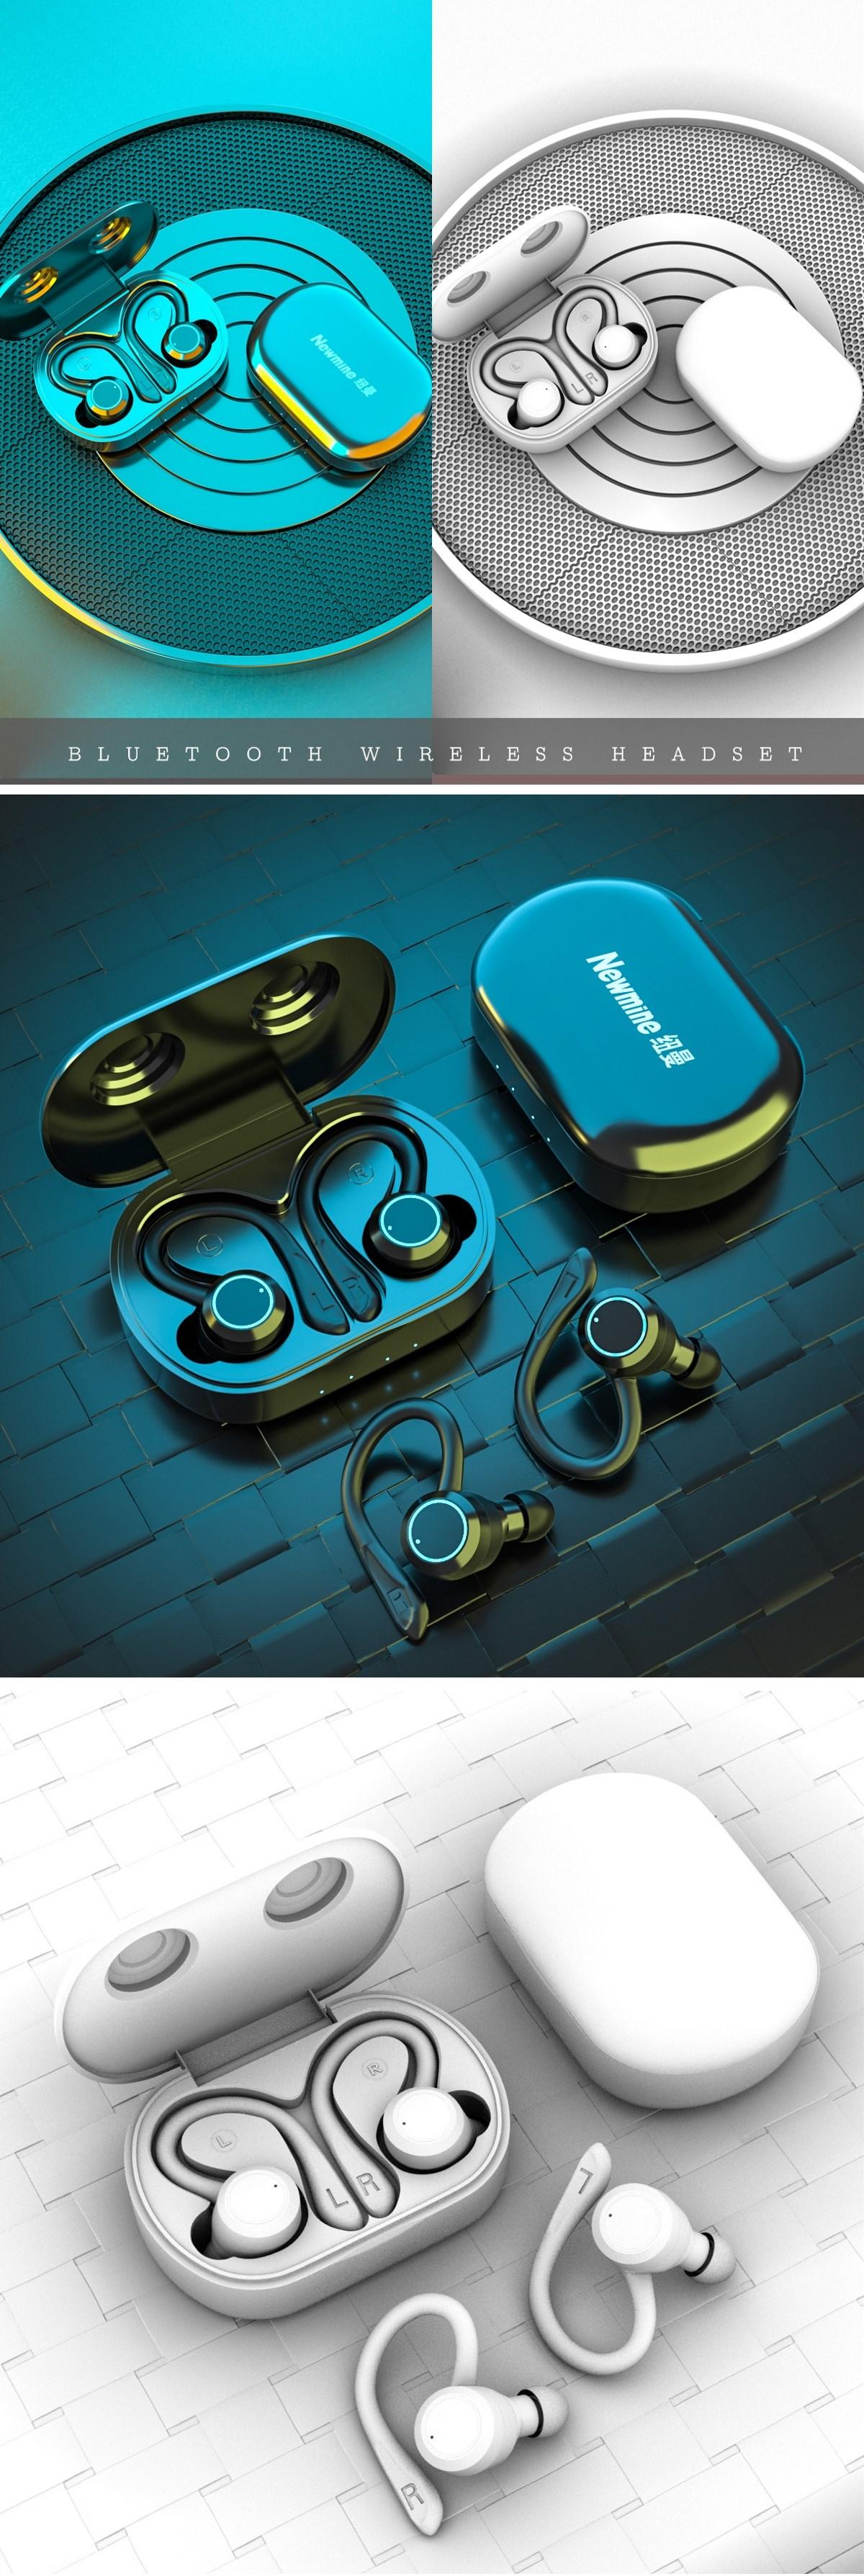 无线蓝牙耳机渲染